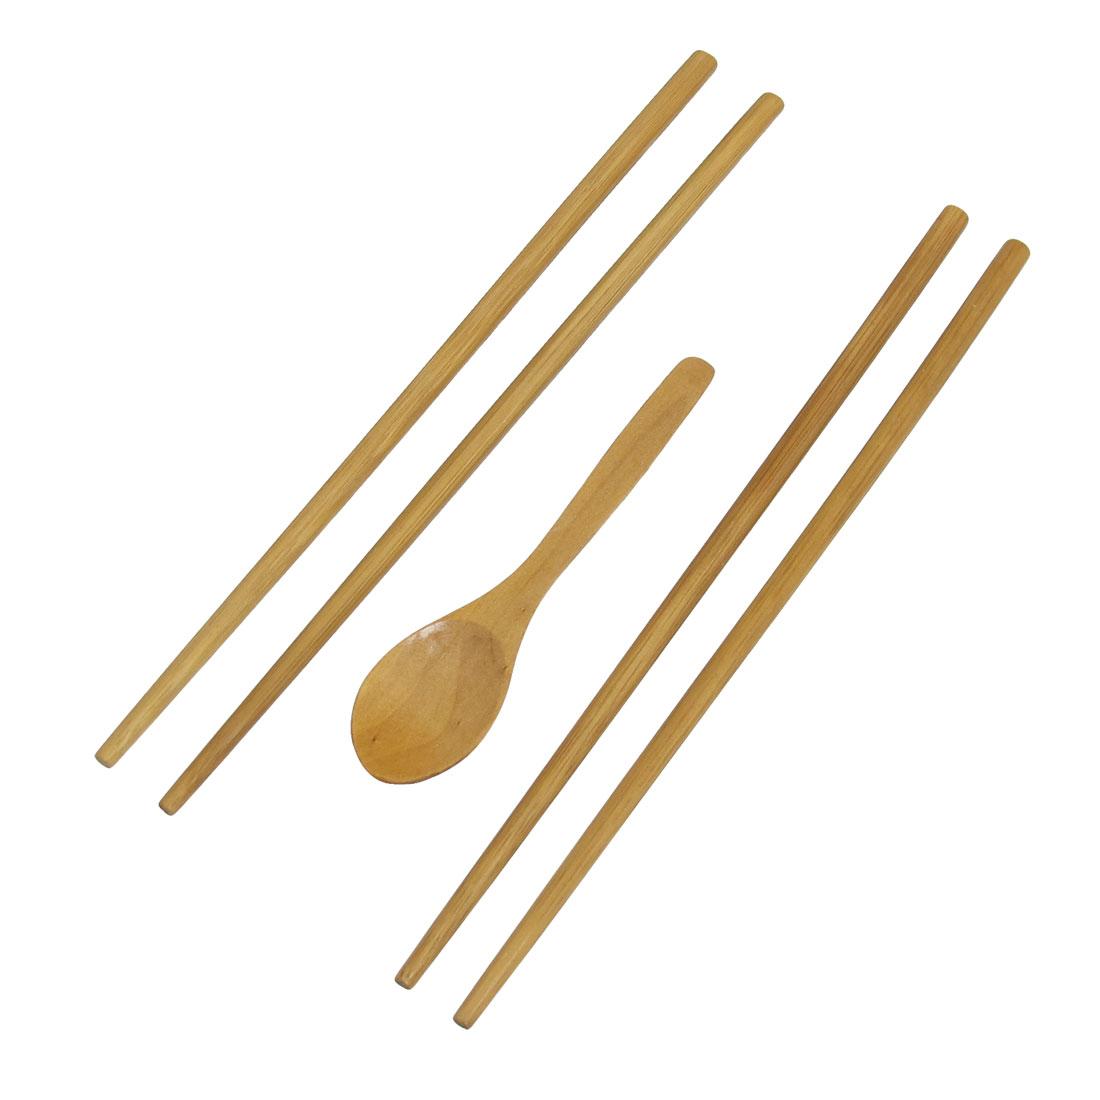 3 in 1 Beige Wooden Kitchen Replacement Chopsticks Spoon Dinnerware